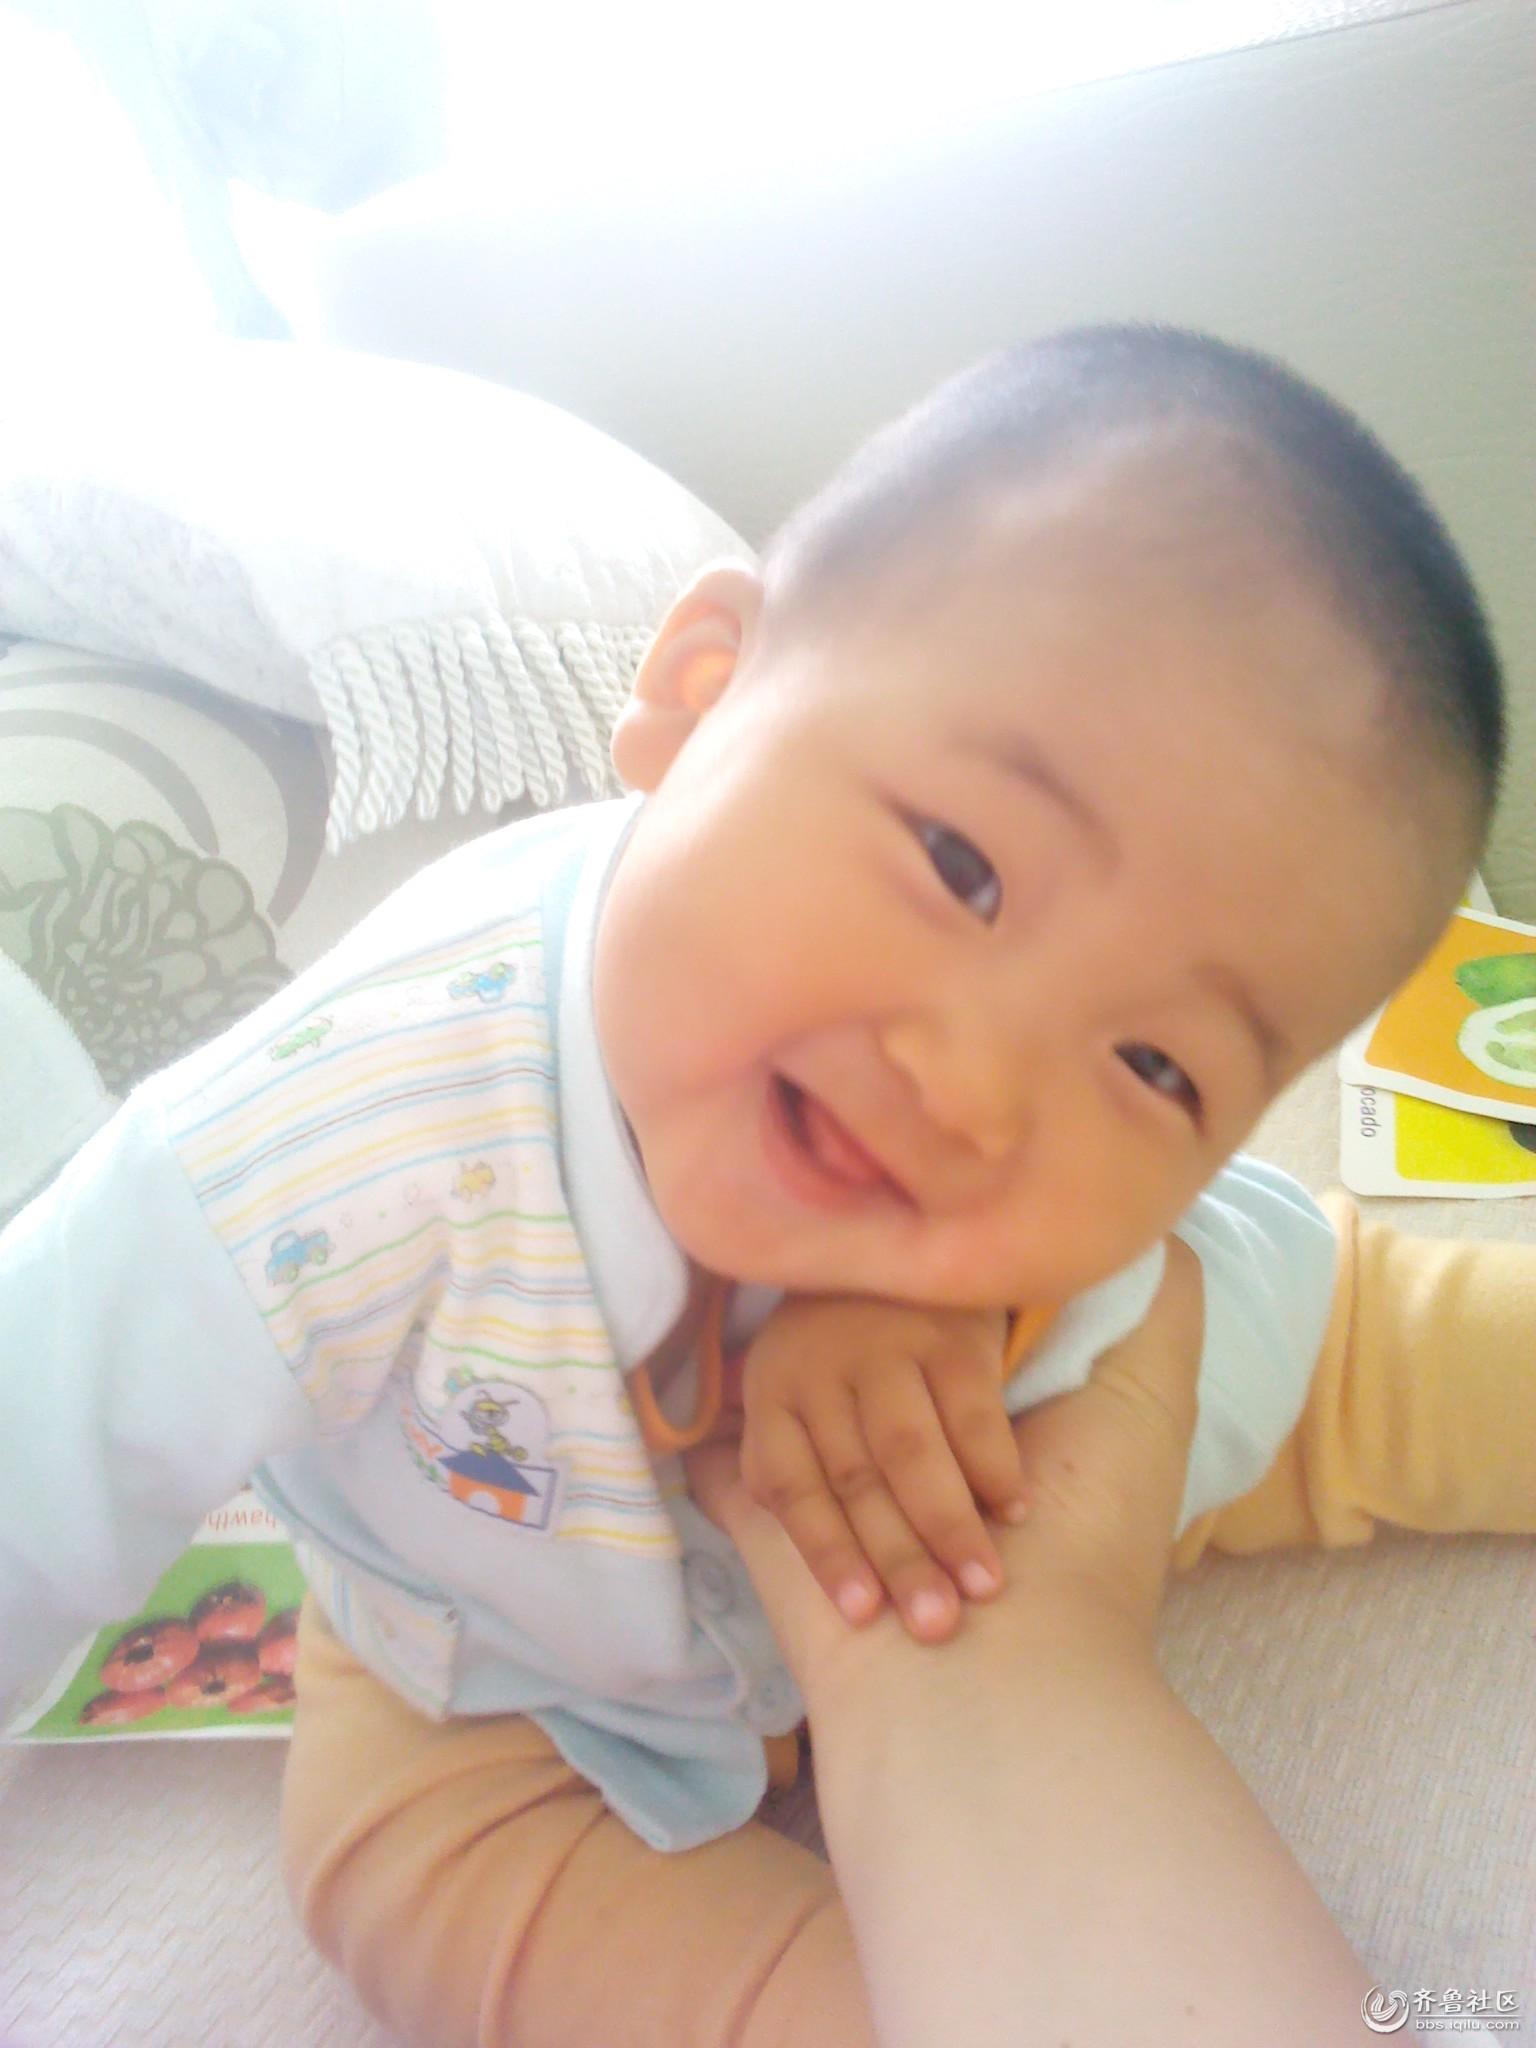 宝宝 壁纸 孩子 小孩 婴儿 1536_2048 竖版 竖屏 手机